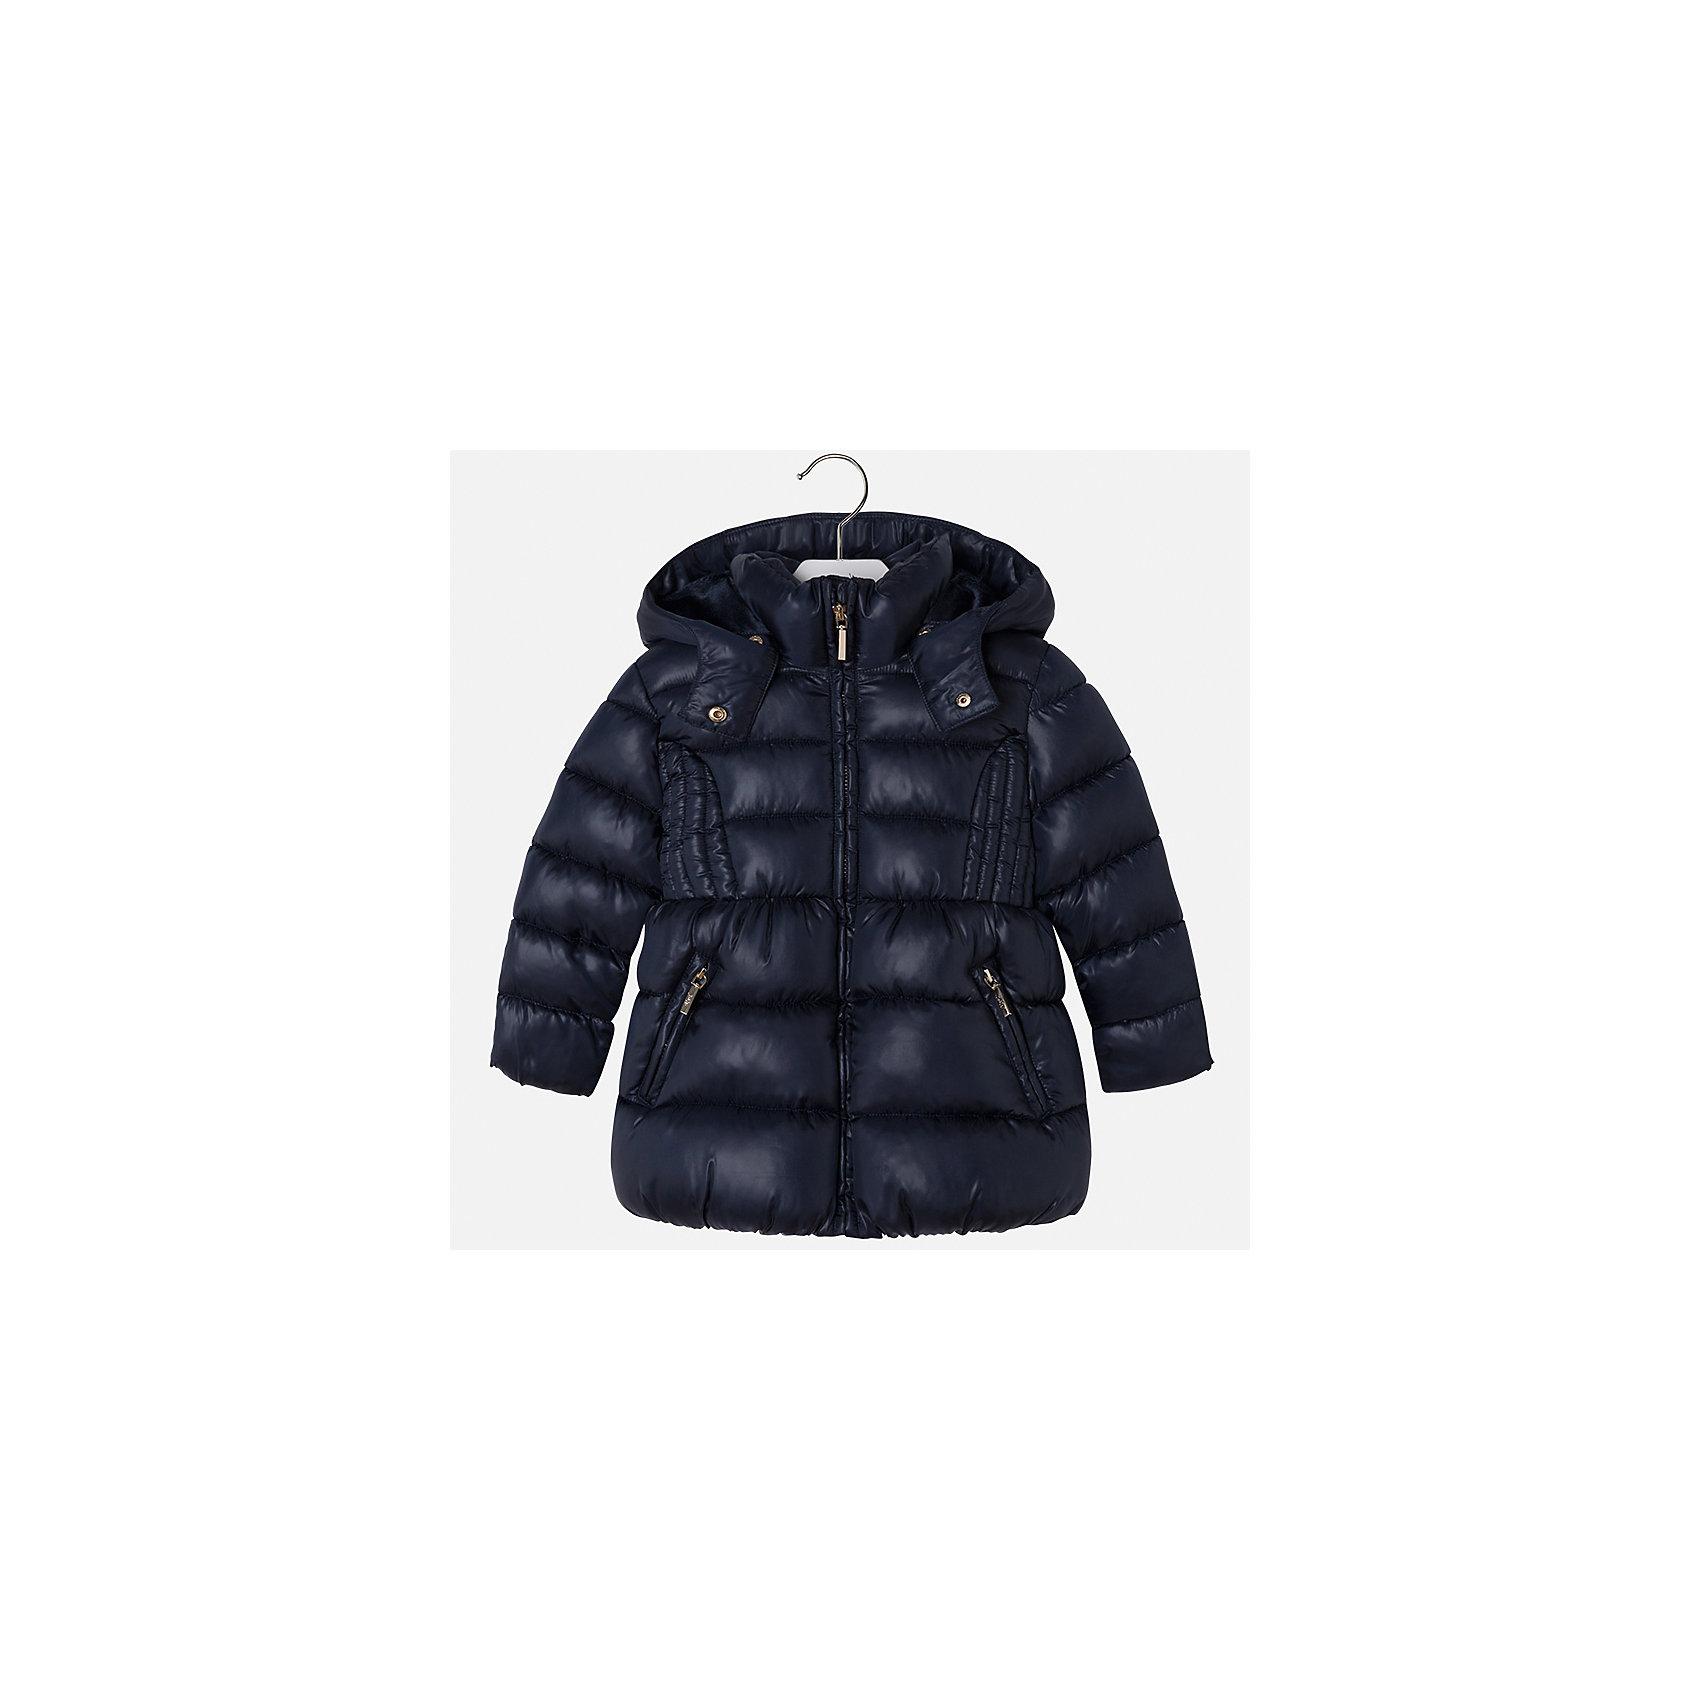 Куртка Mayoral для девочкиВерхняя одежда<br>Характеристики товара:<br><br>• цвет: синий<br>• состав ткани: 100% полиэстер<br>• подкладка: 100% полиэстер<br>• утеплитель: 100% полиэстер<br>• сезон: демисезон<br>• температурный режим: от -10 до +10<br>• особенности куртки: дутая, с капюшоном<br>• капюшон: съемный<br>• застежка: молния<br>• страна бренда: Испания<br>• страна изготовитель: Индия<br><br>Синяя детская куртка подойдет для прохладной погоды и небольшого мороза. Благодаря качественной ткани детской куртки для девочки создаются комфортные условия для тела. Стильная девочки для девочки отличается стильным продуманным дизайном.<br><br>Куртку для девочки Mayoral (Майорал) можно купить в нашем интернет-магазине.<br><br>Ширина мм: 356<br>Глубина мм: 10<br>Высота мм: 245<br>Вес г: 519<br>Цвет: темно-синий<br>Возраст от месяцев: 18<br>Возраст до месяцев: 24<br>Пол: Женский<br>Возраст: Детский<br>Размер: 92,134,128,122,116,110,104,98<br>SKU: 6920079